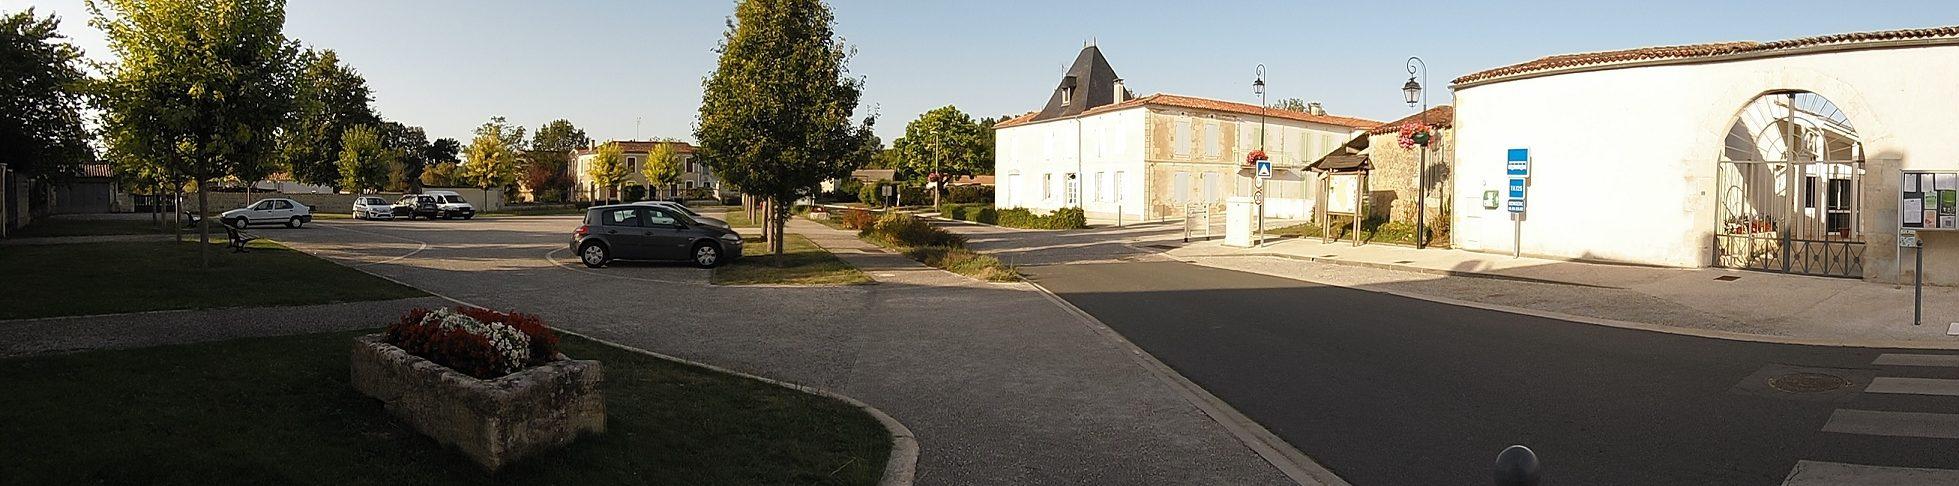 Image mairie église